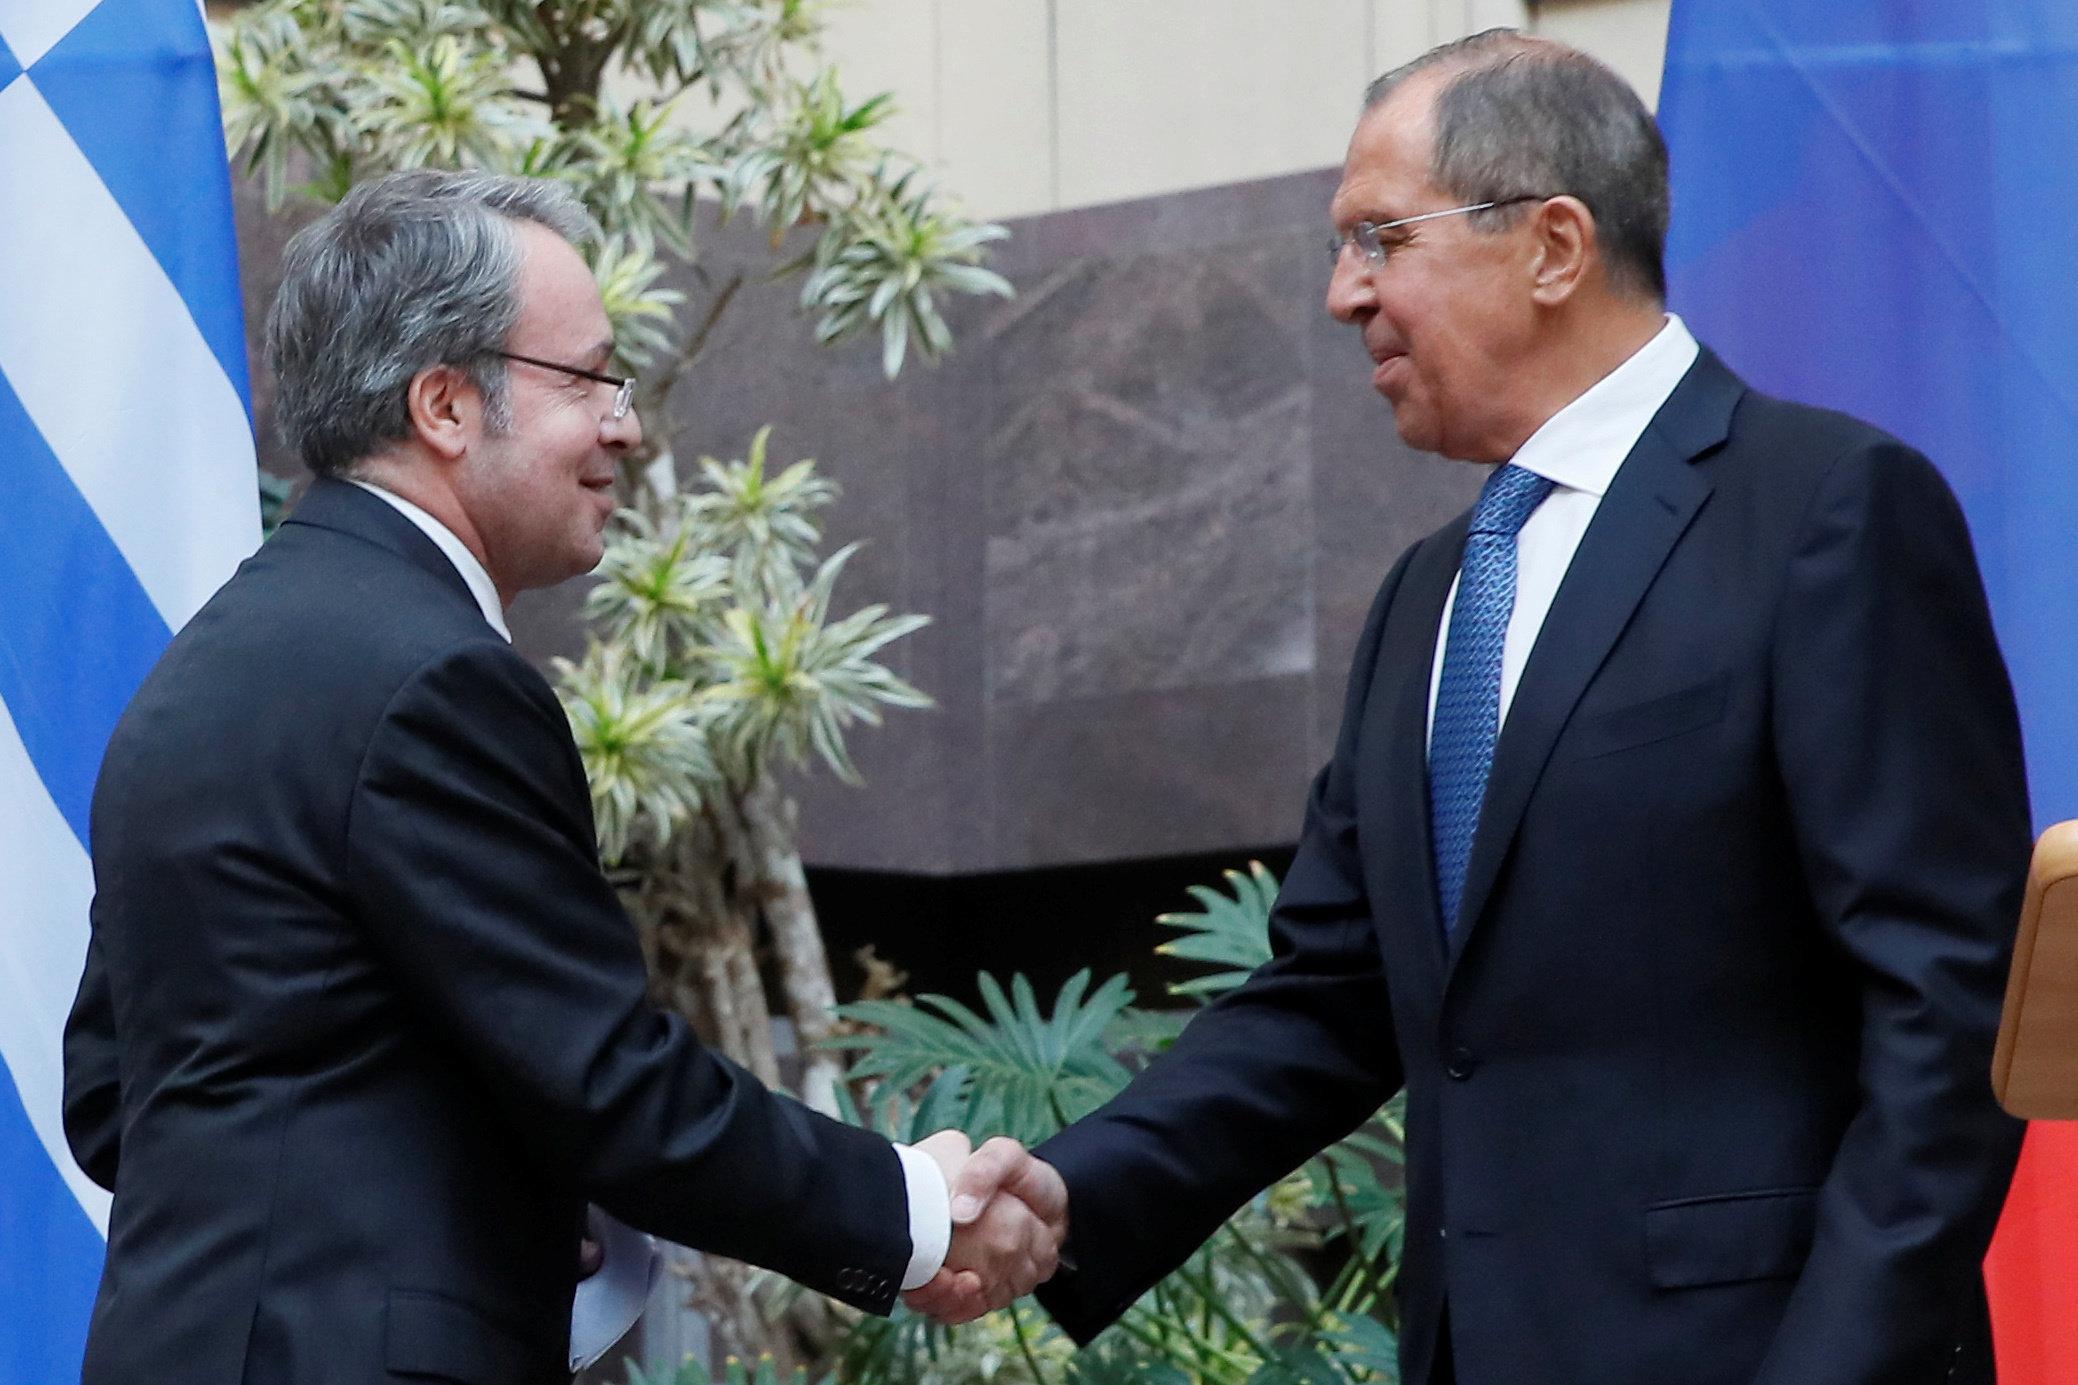 Περασμένα ξεχασμένα οι απελάσεις Ρώσων διπλωματών; Ο Λαβρόφ μιλάει θερμά για τις ελληνορωσικές